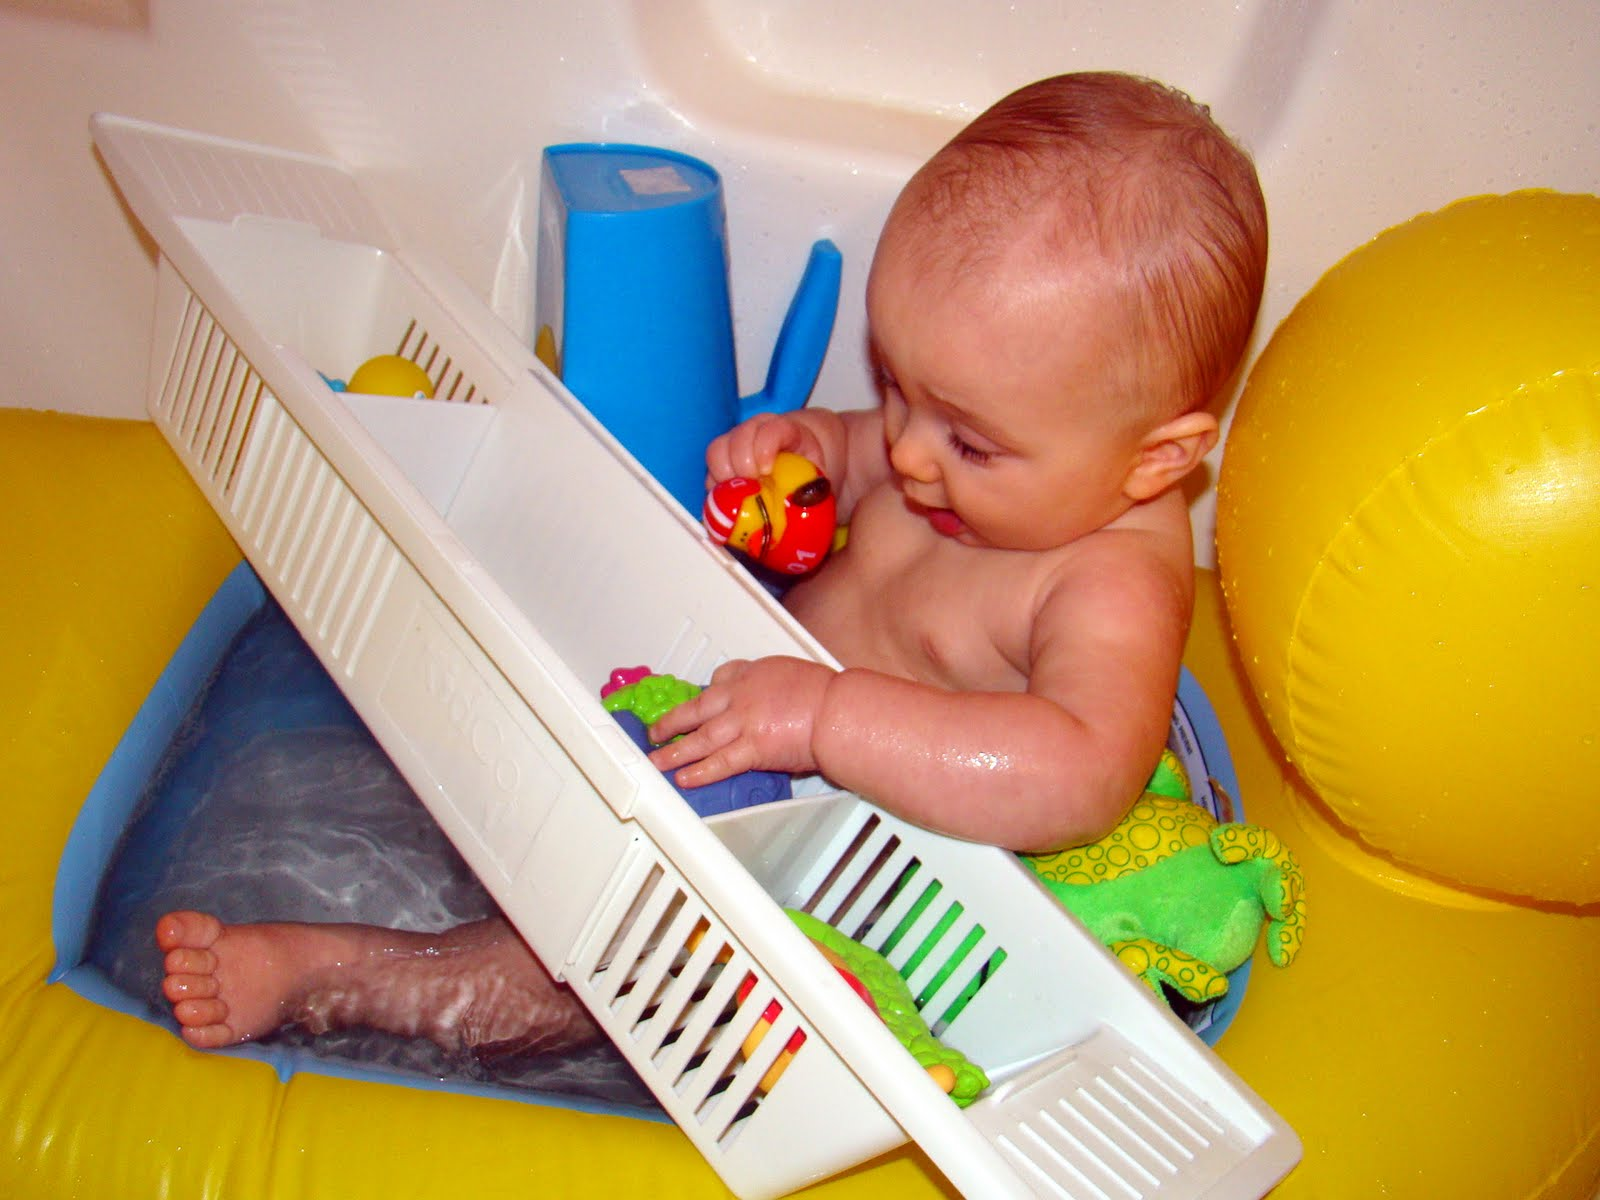 Bath-time Boy